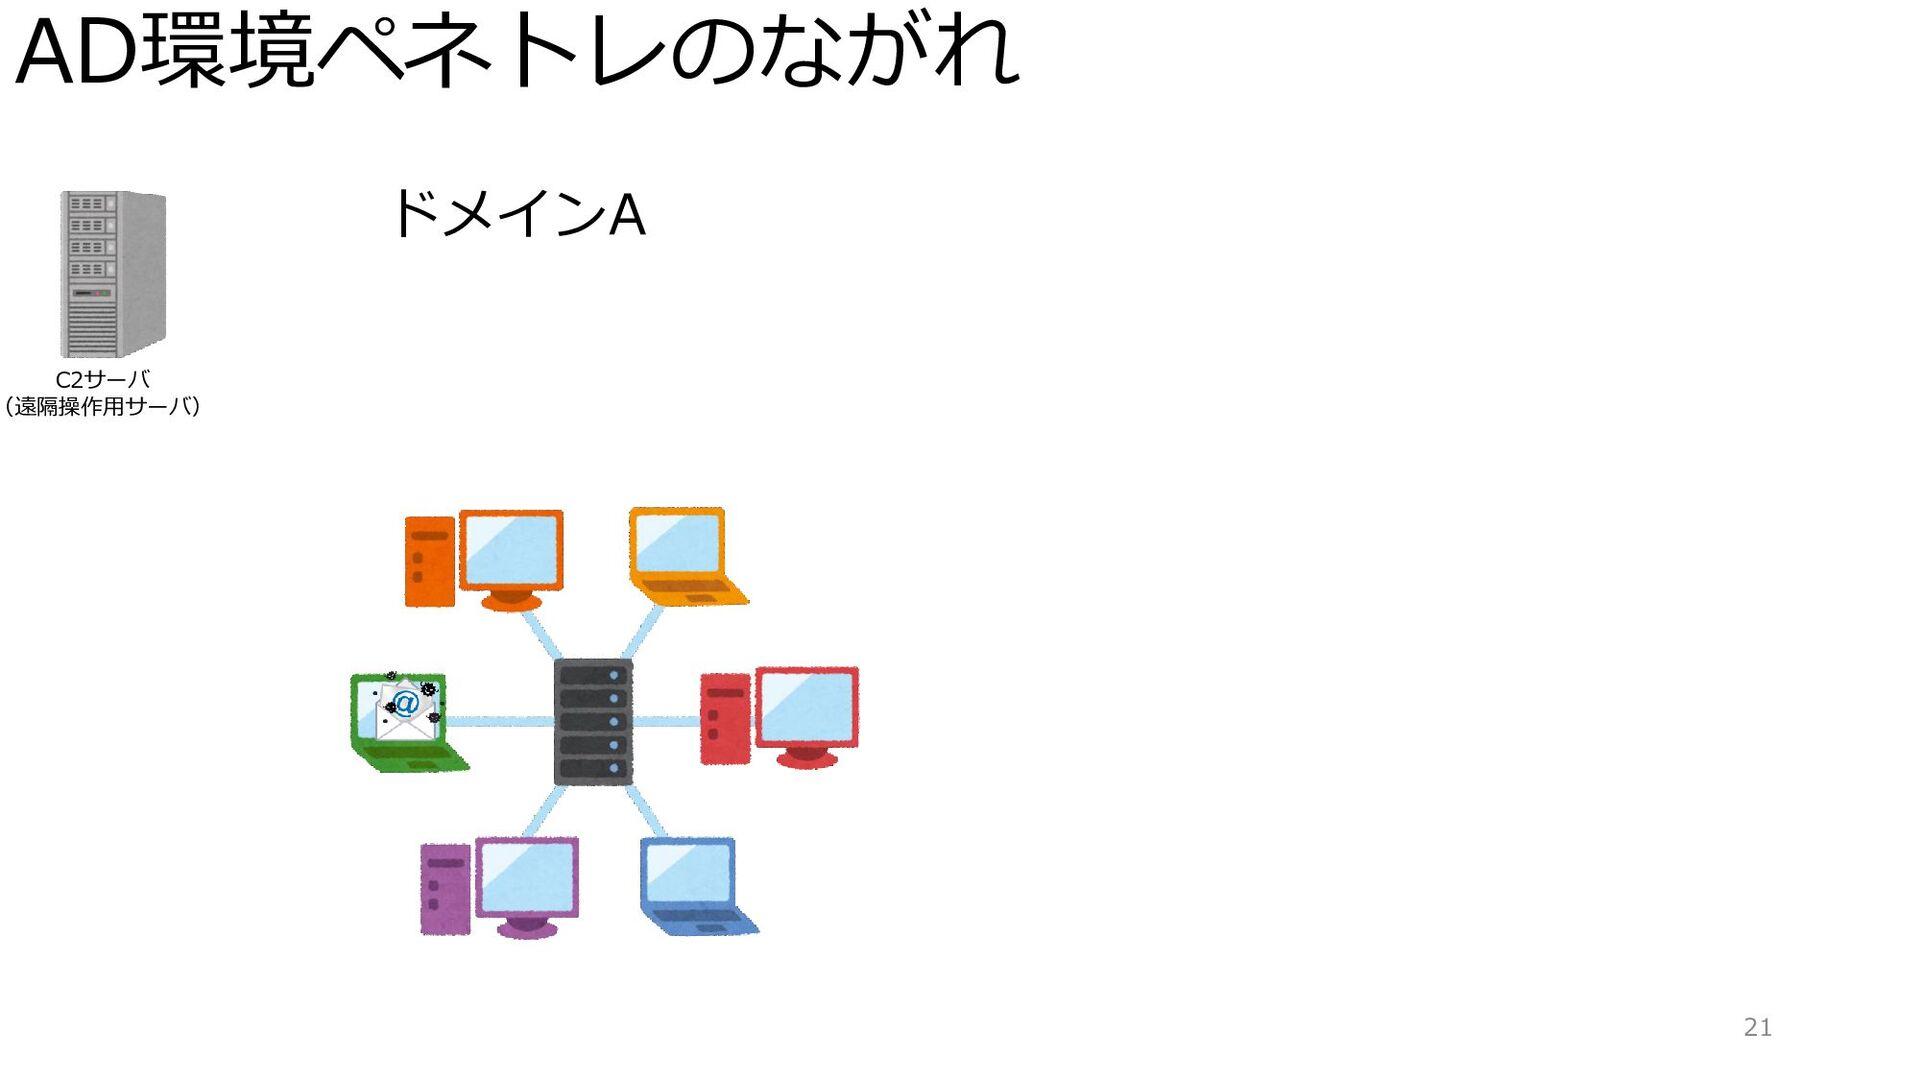 AD環境ペネトレのながれ 21 ドメインA C2サーバ (遠隔操作用サーバ)